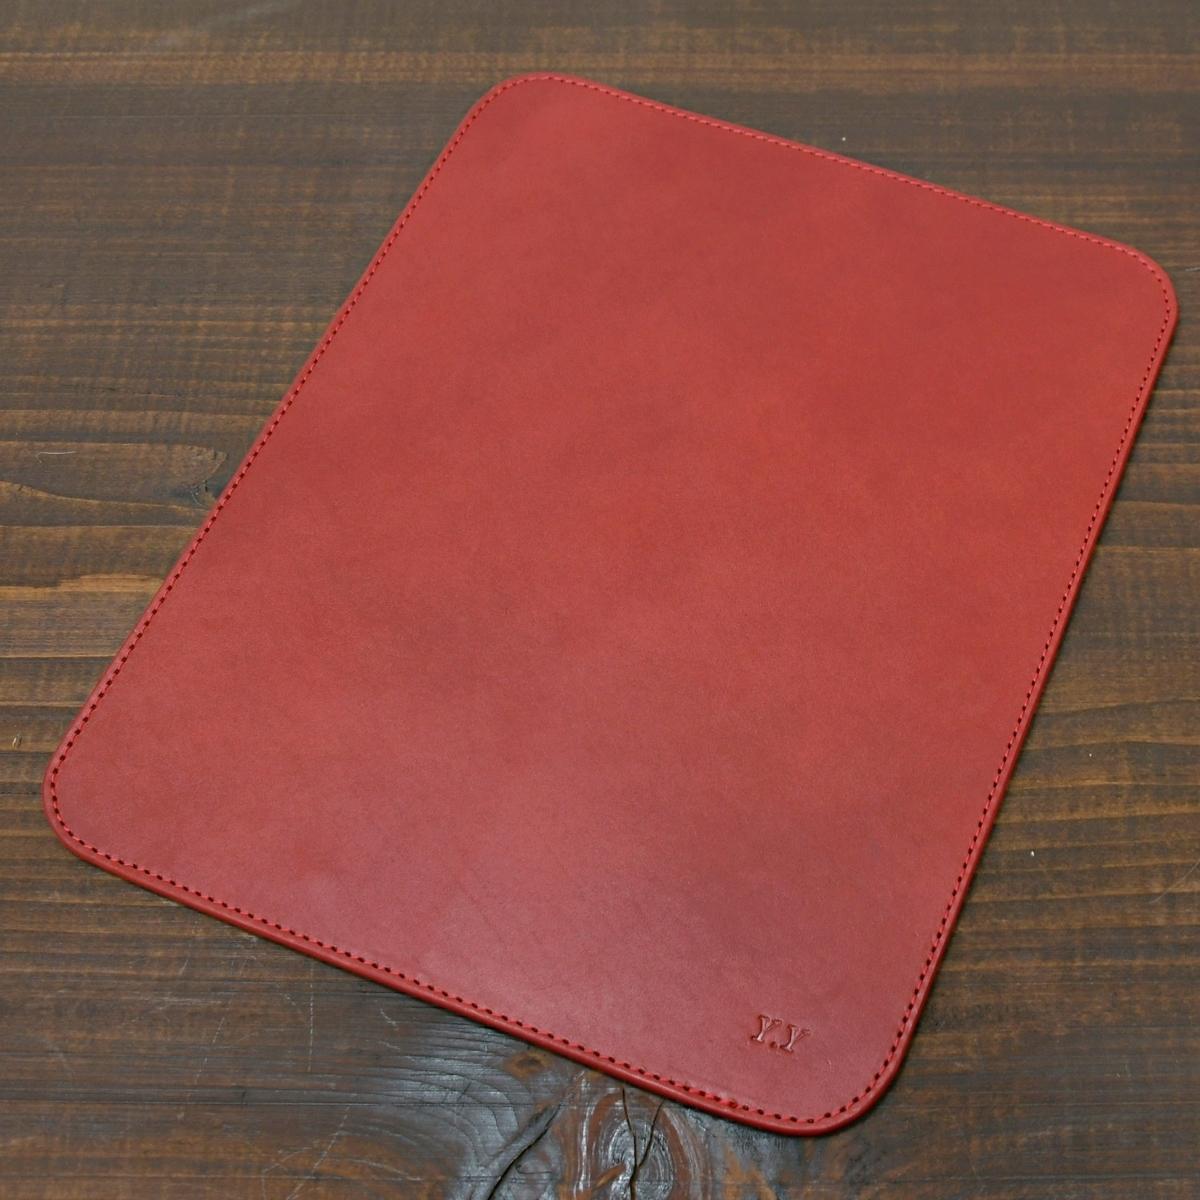 赤色のヌメ革でマウスパッドのオーダーメイド。